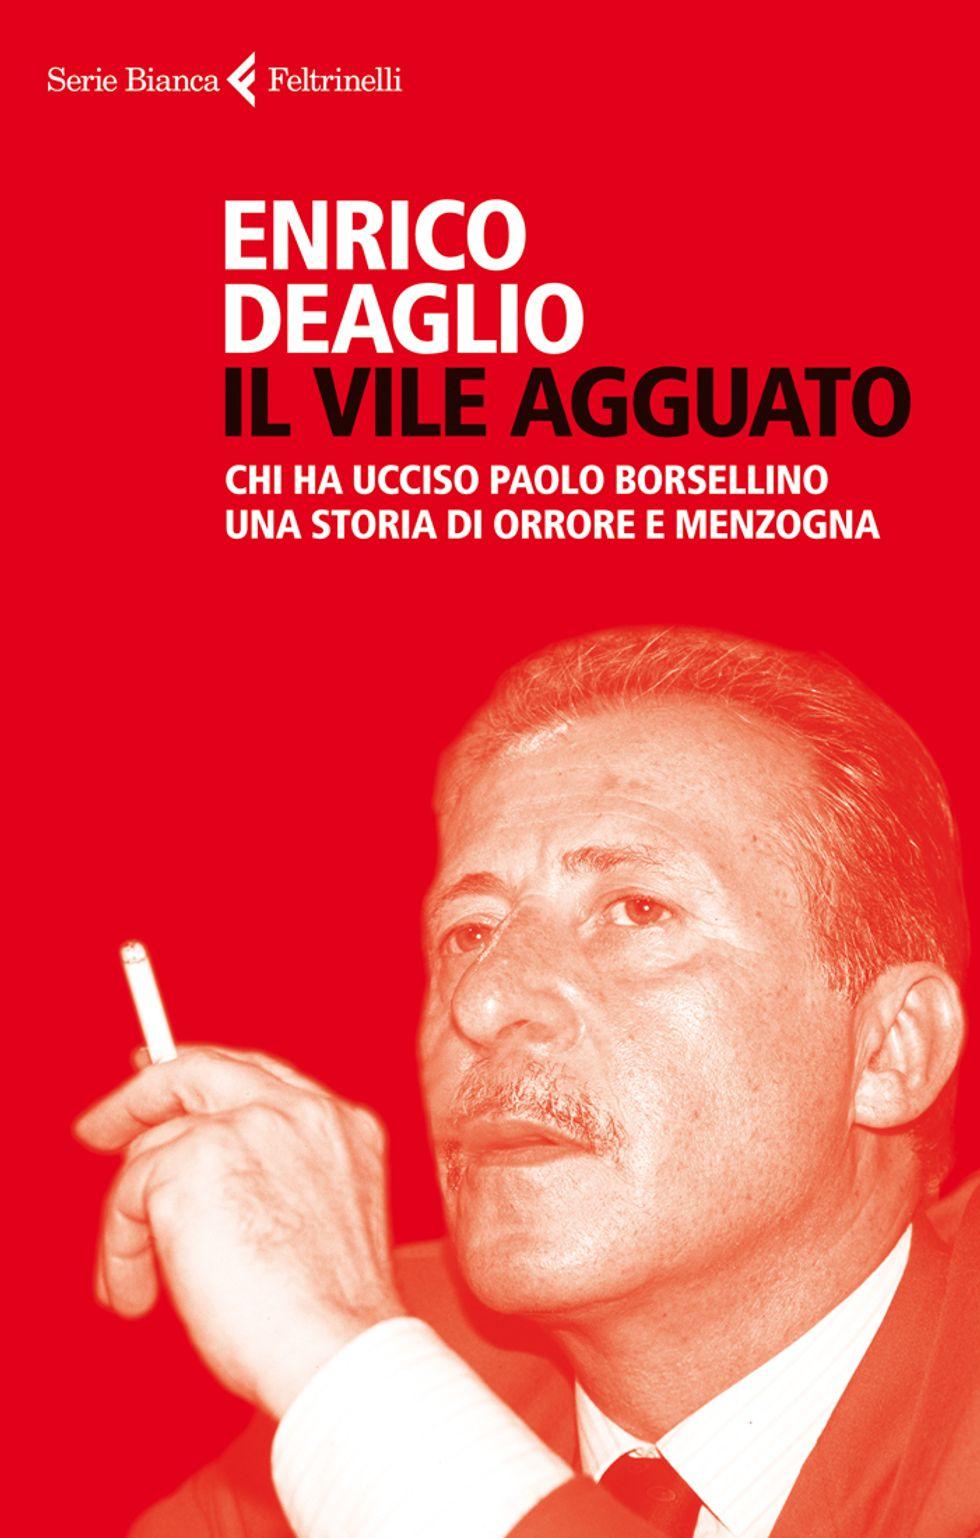 Borsellino, vent'anni fa il vile agguato